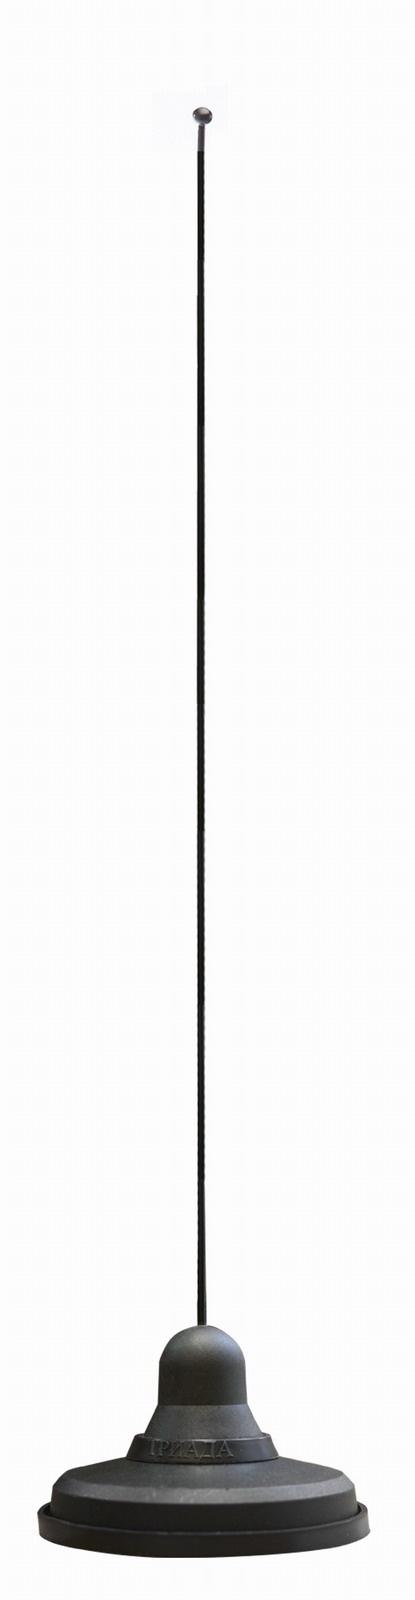 Автомобильная антенна триада магнитная МА 86-01 Супермагнит! Супердальность! Пруток прямой 40 см. Диаметр 86 мм. Длина кабеля 3 м., черный автомобильная антенна триада ремкомплект пр 02 euro decor пруток универсальный